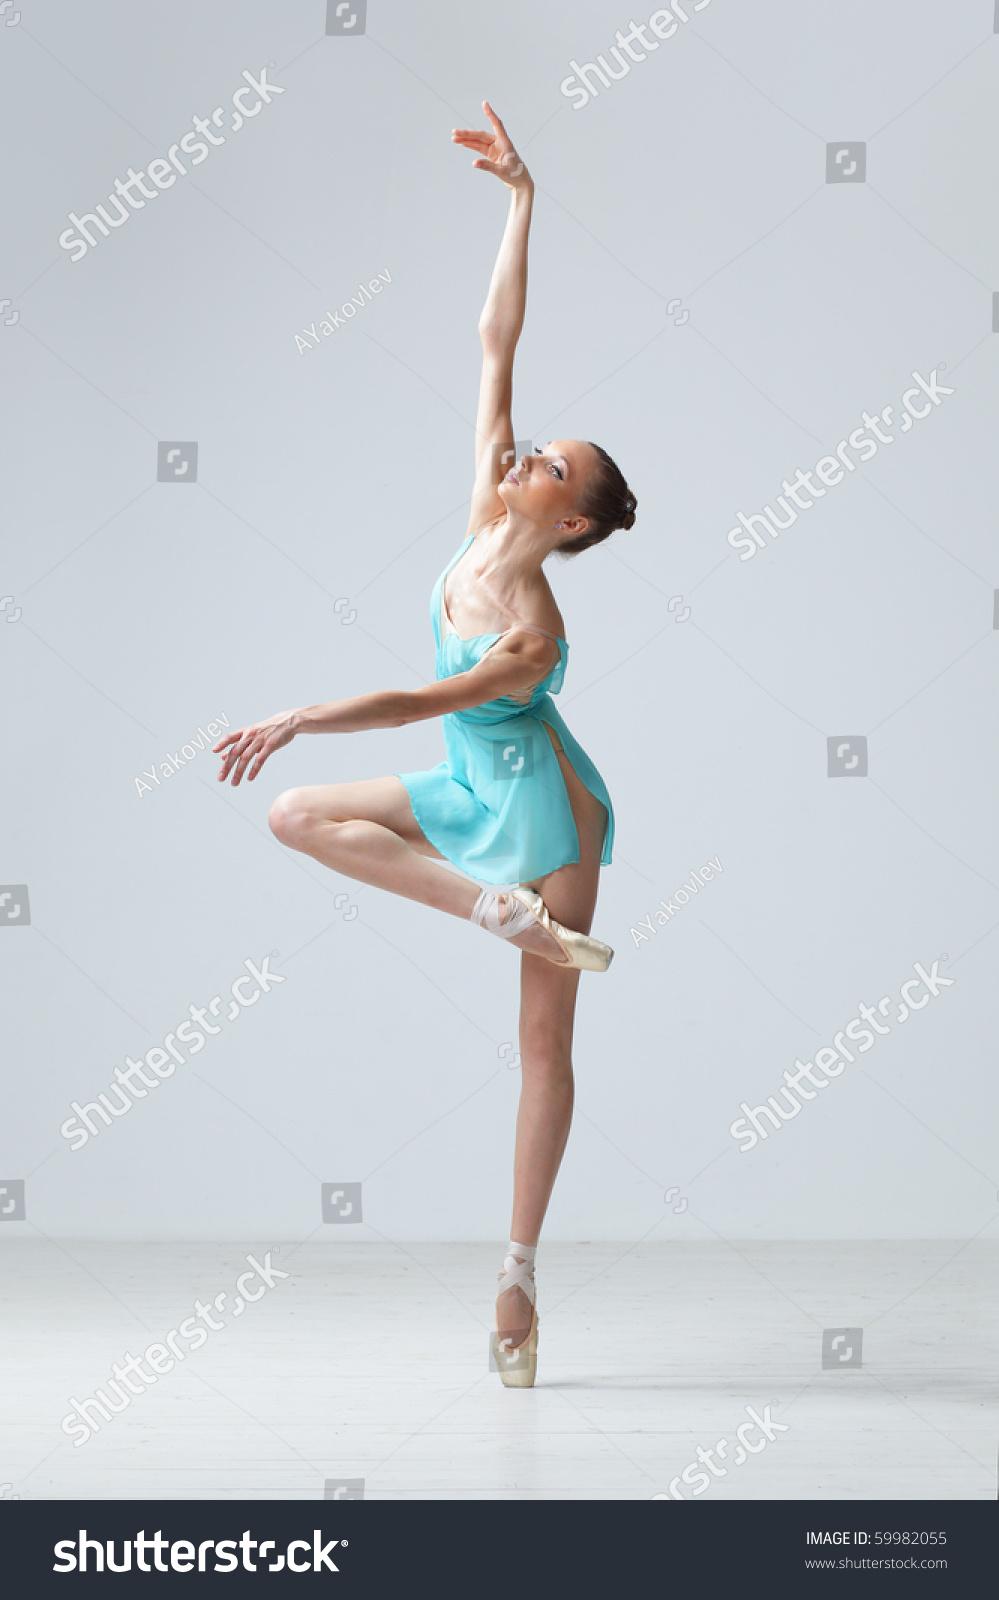 现代风格的舞蹈演员工作室背景-运动/娱乐活动,人物